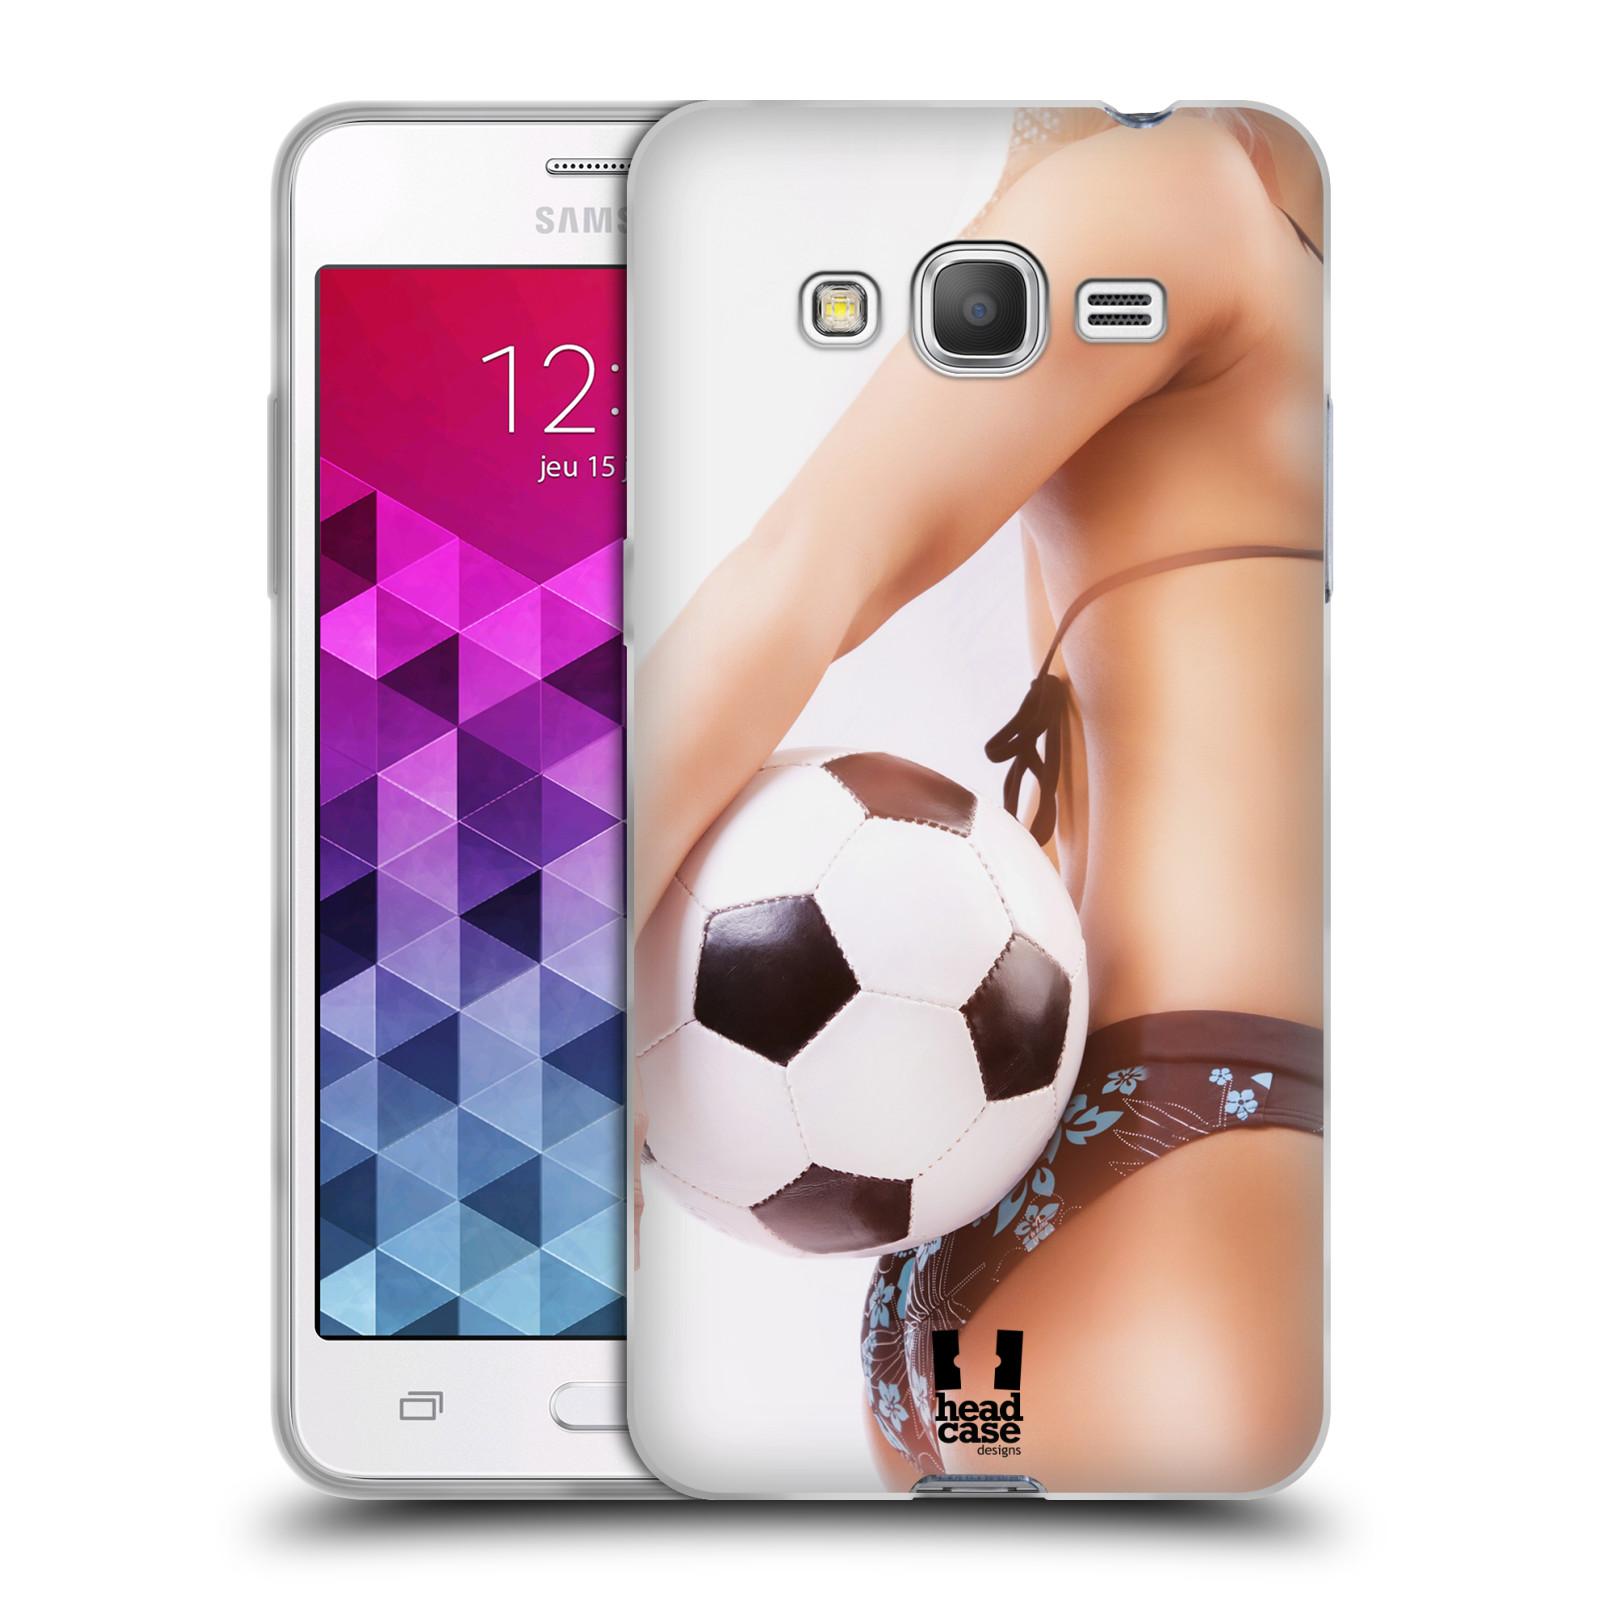 HEAD CASE silikonový obal na mobil Samsung Galaxy GRAND PRIME vzor Fotbalové modelky KOPACÍ MÍČ